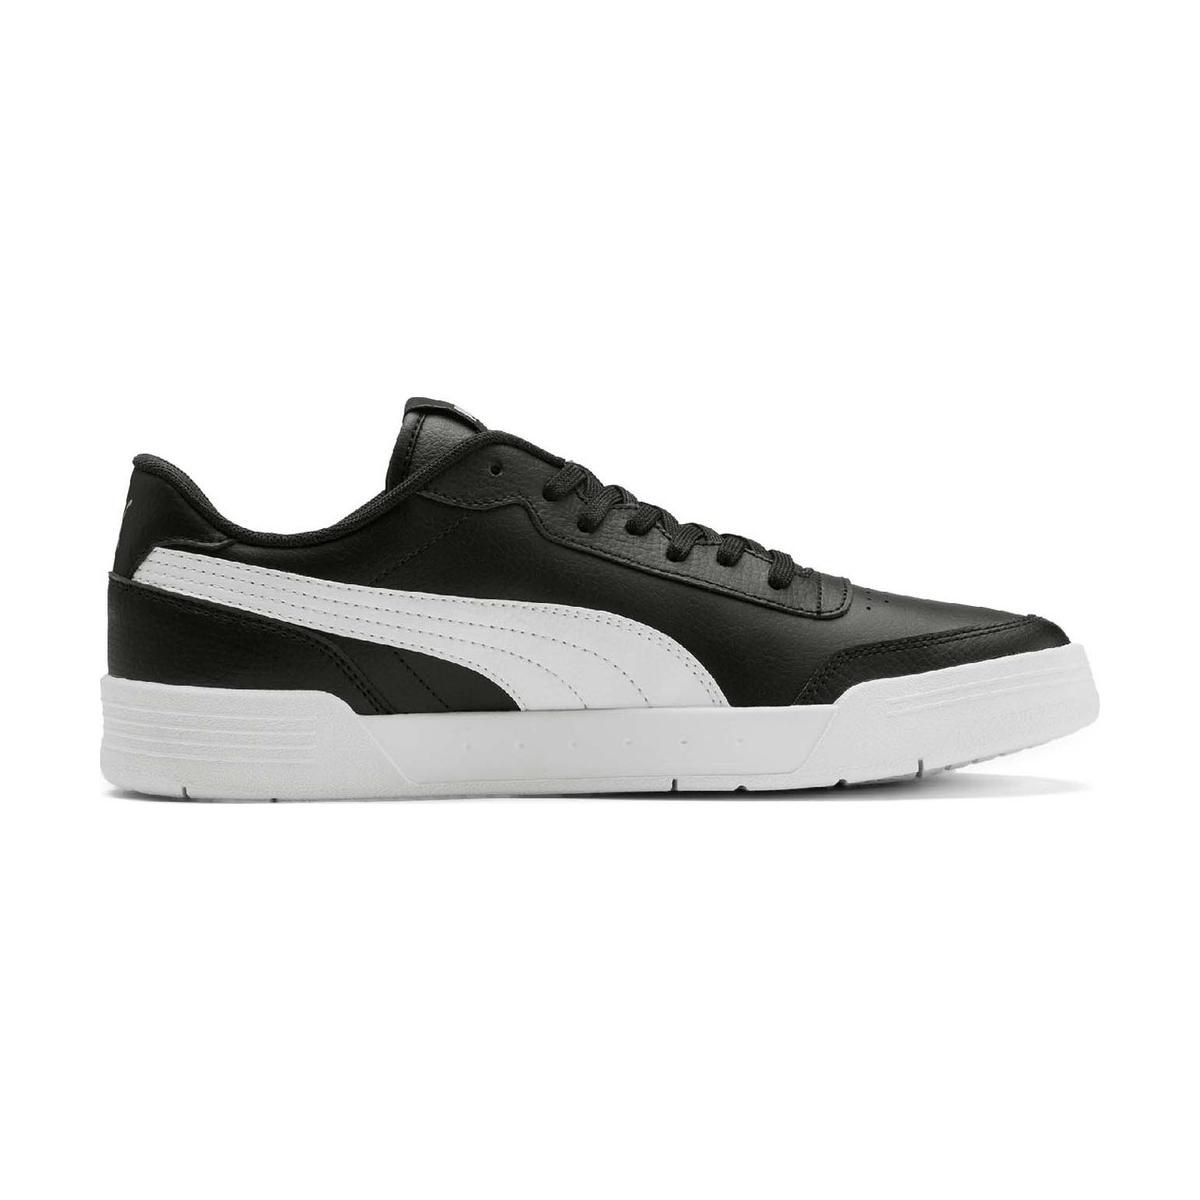 Caracal Erkek Siyah Spor Ayakkabı (369863-07)